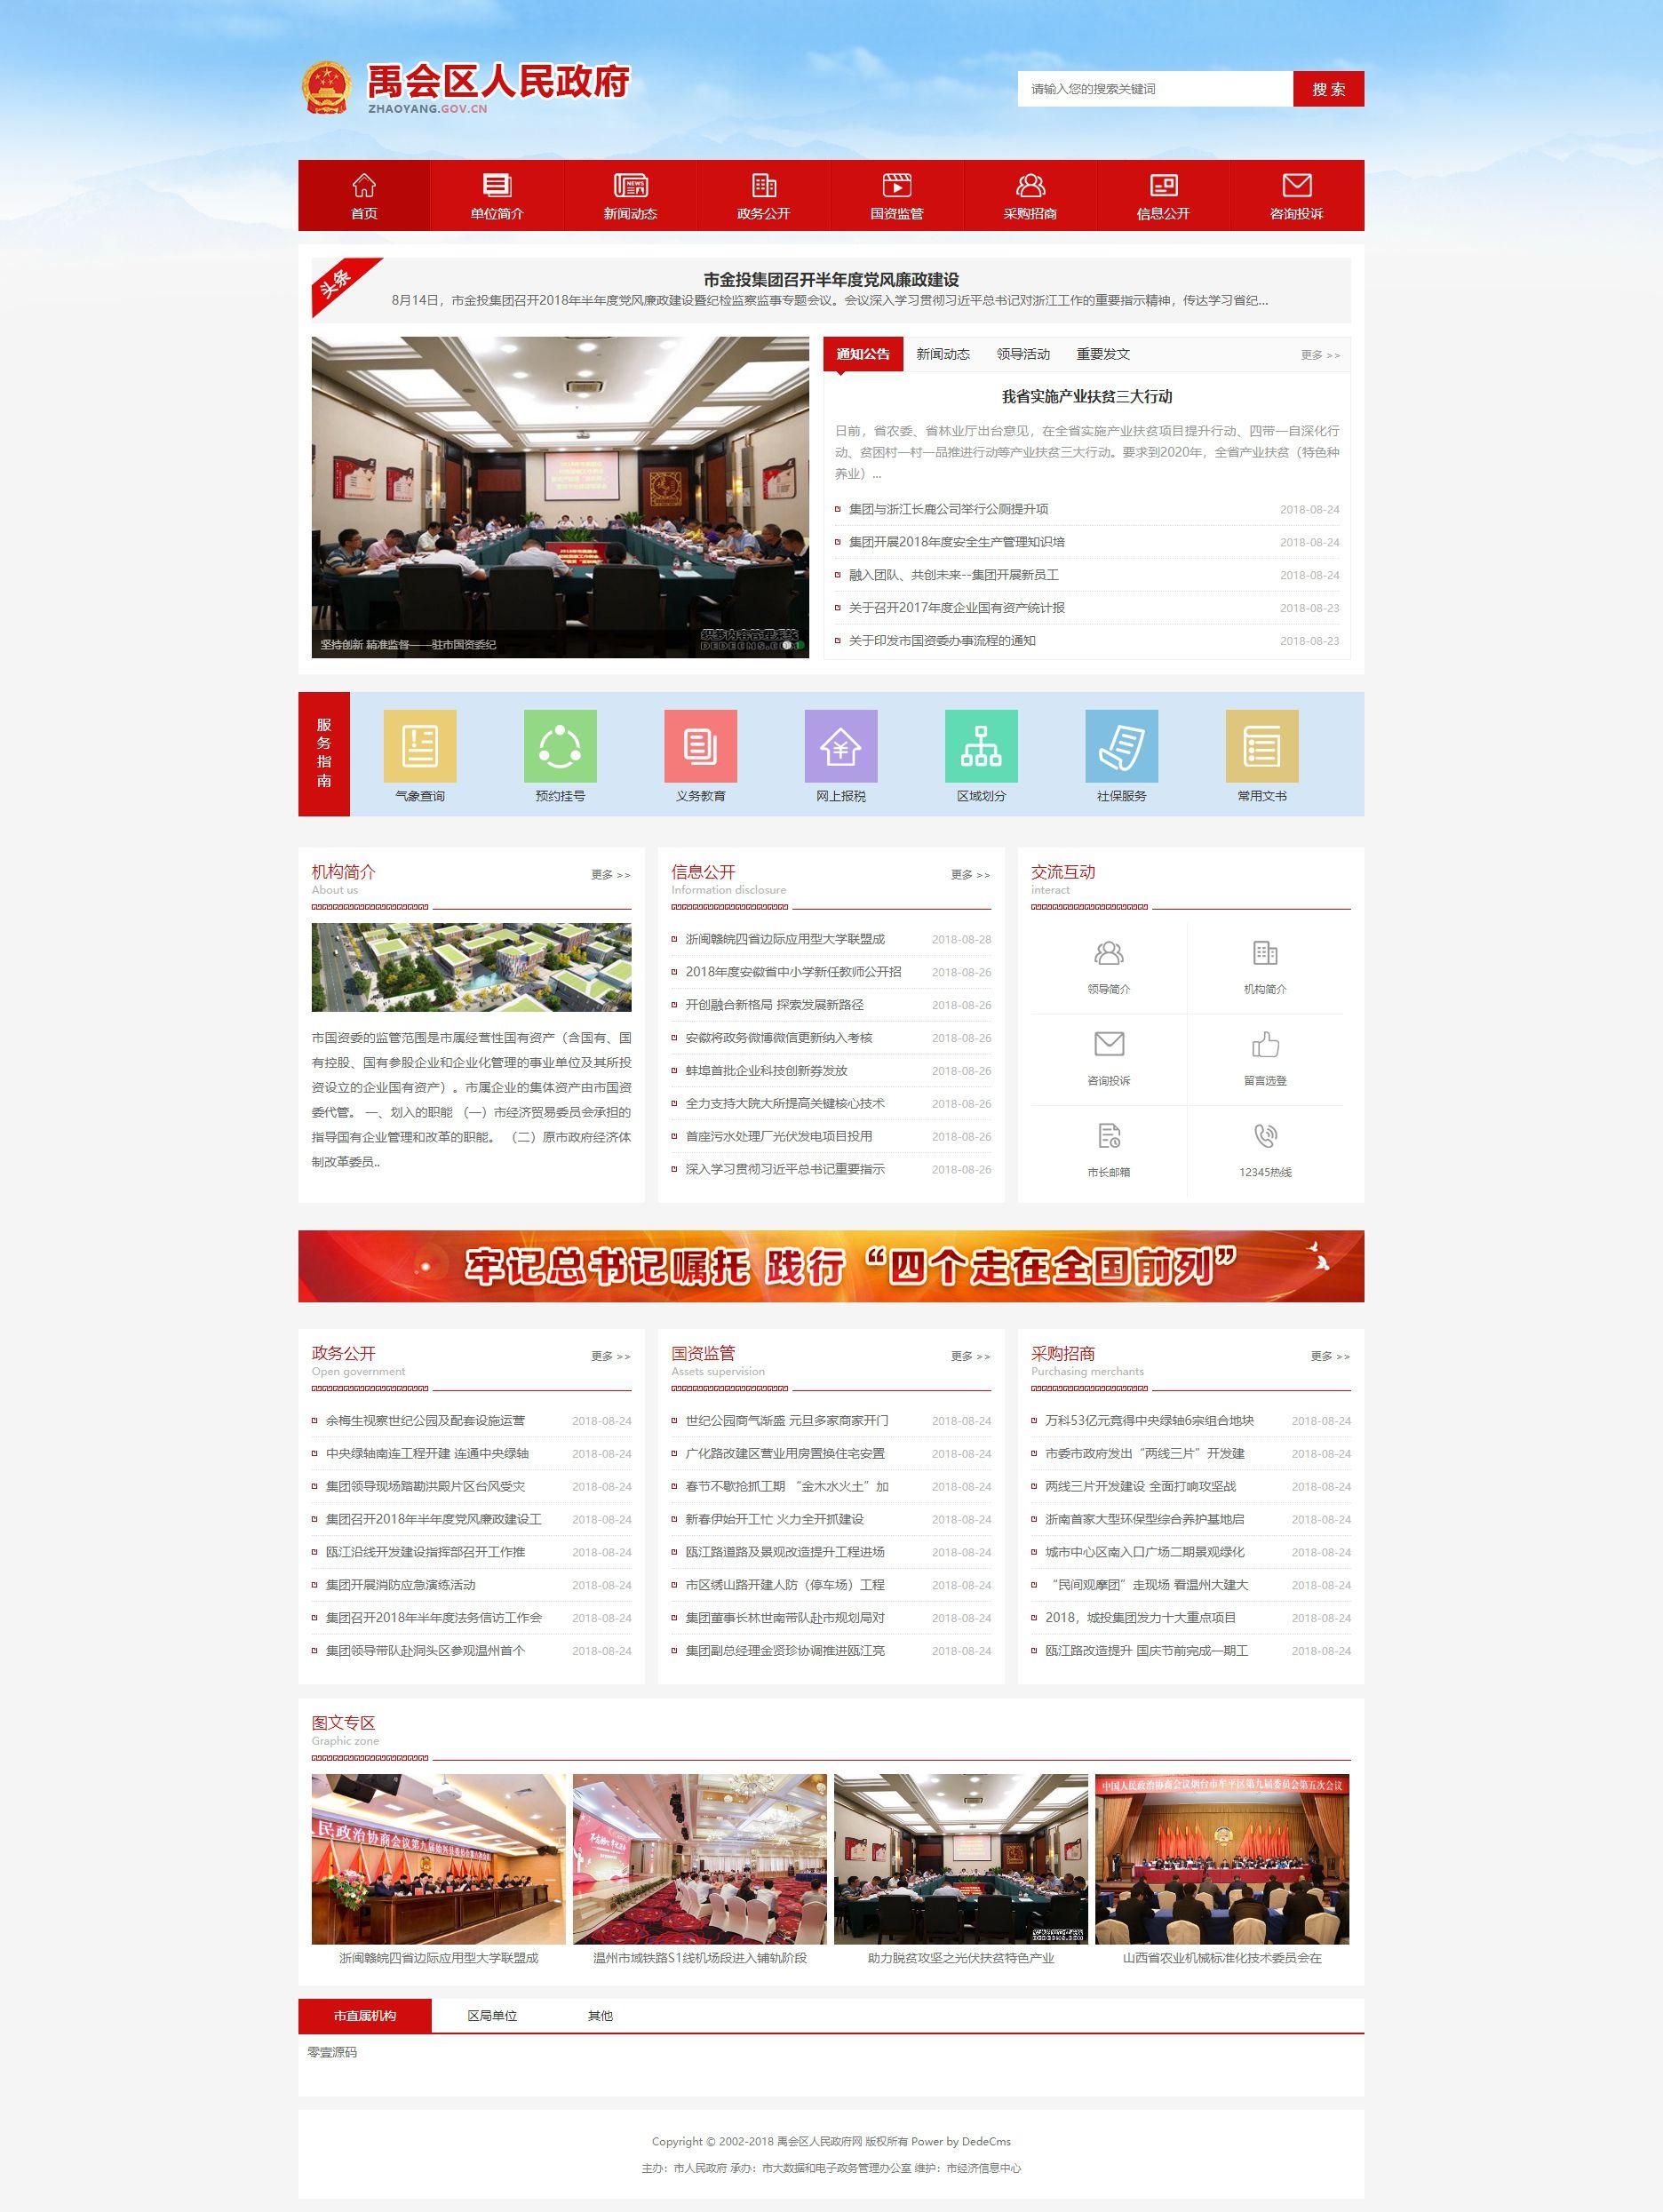 政府协会类织梦dedecms网站模板(带手机端)